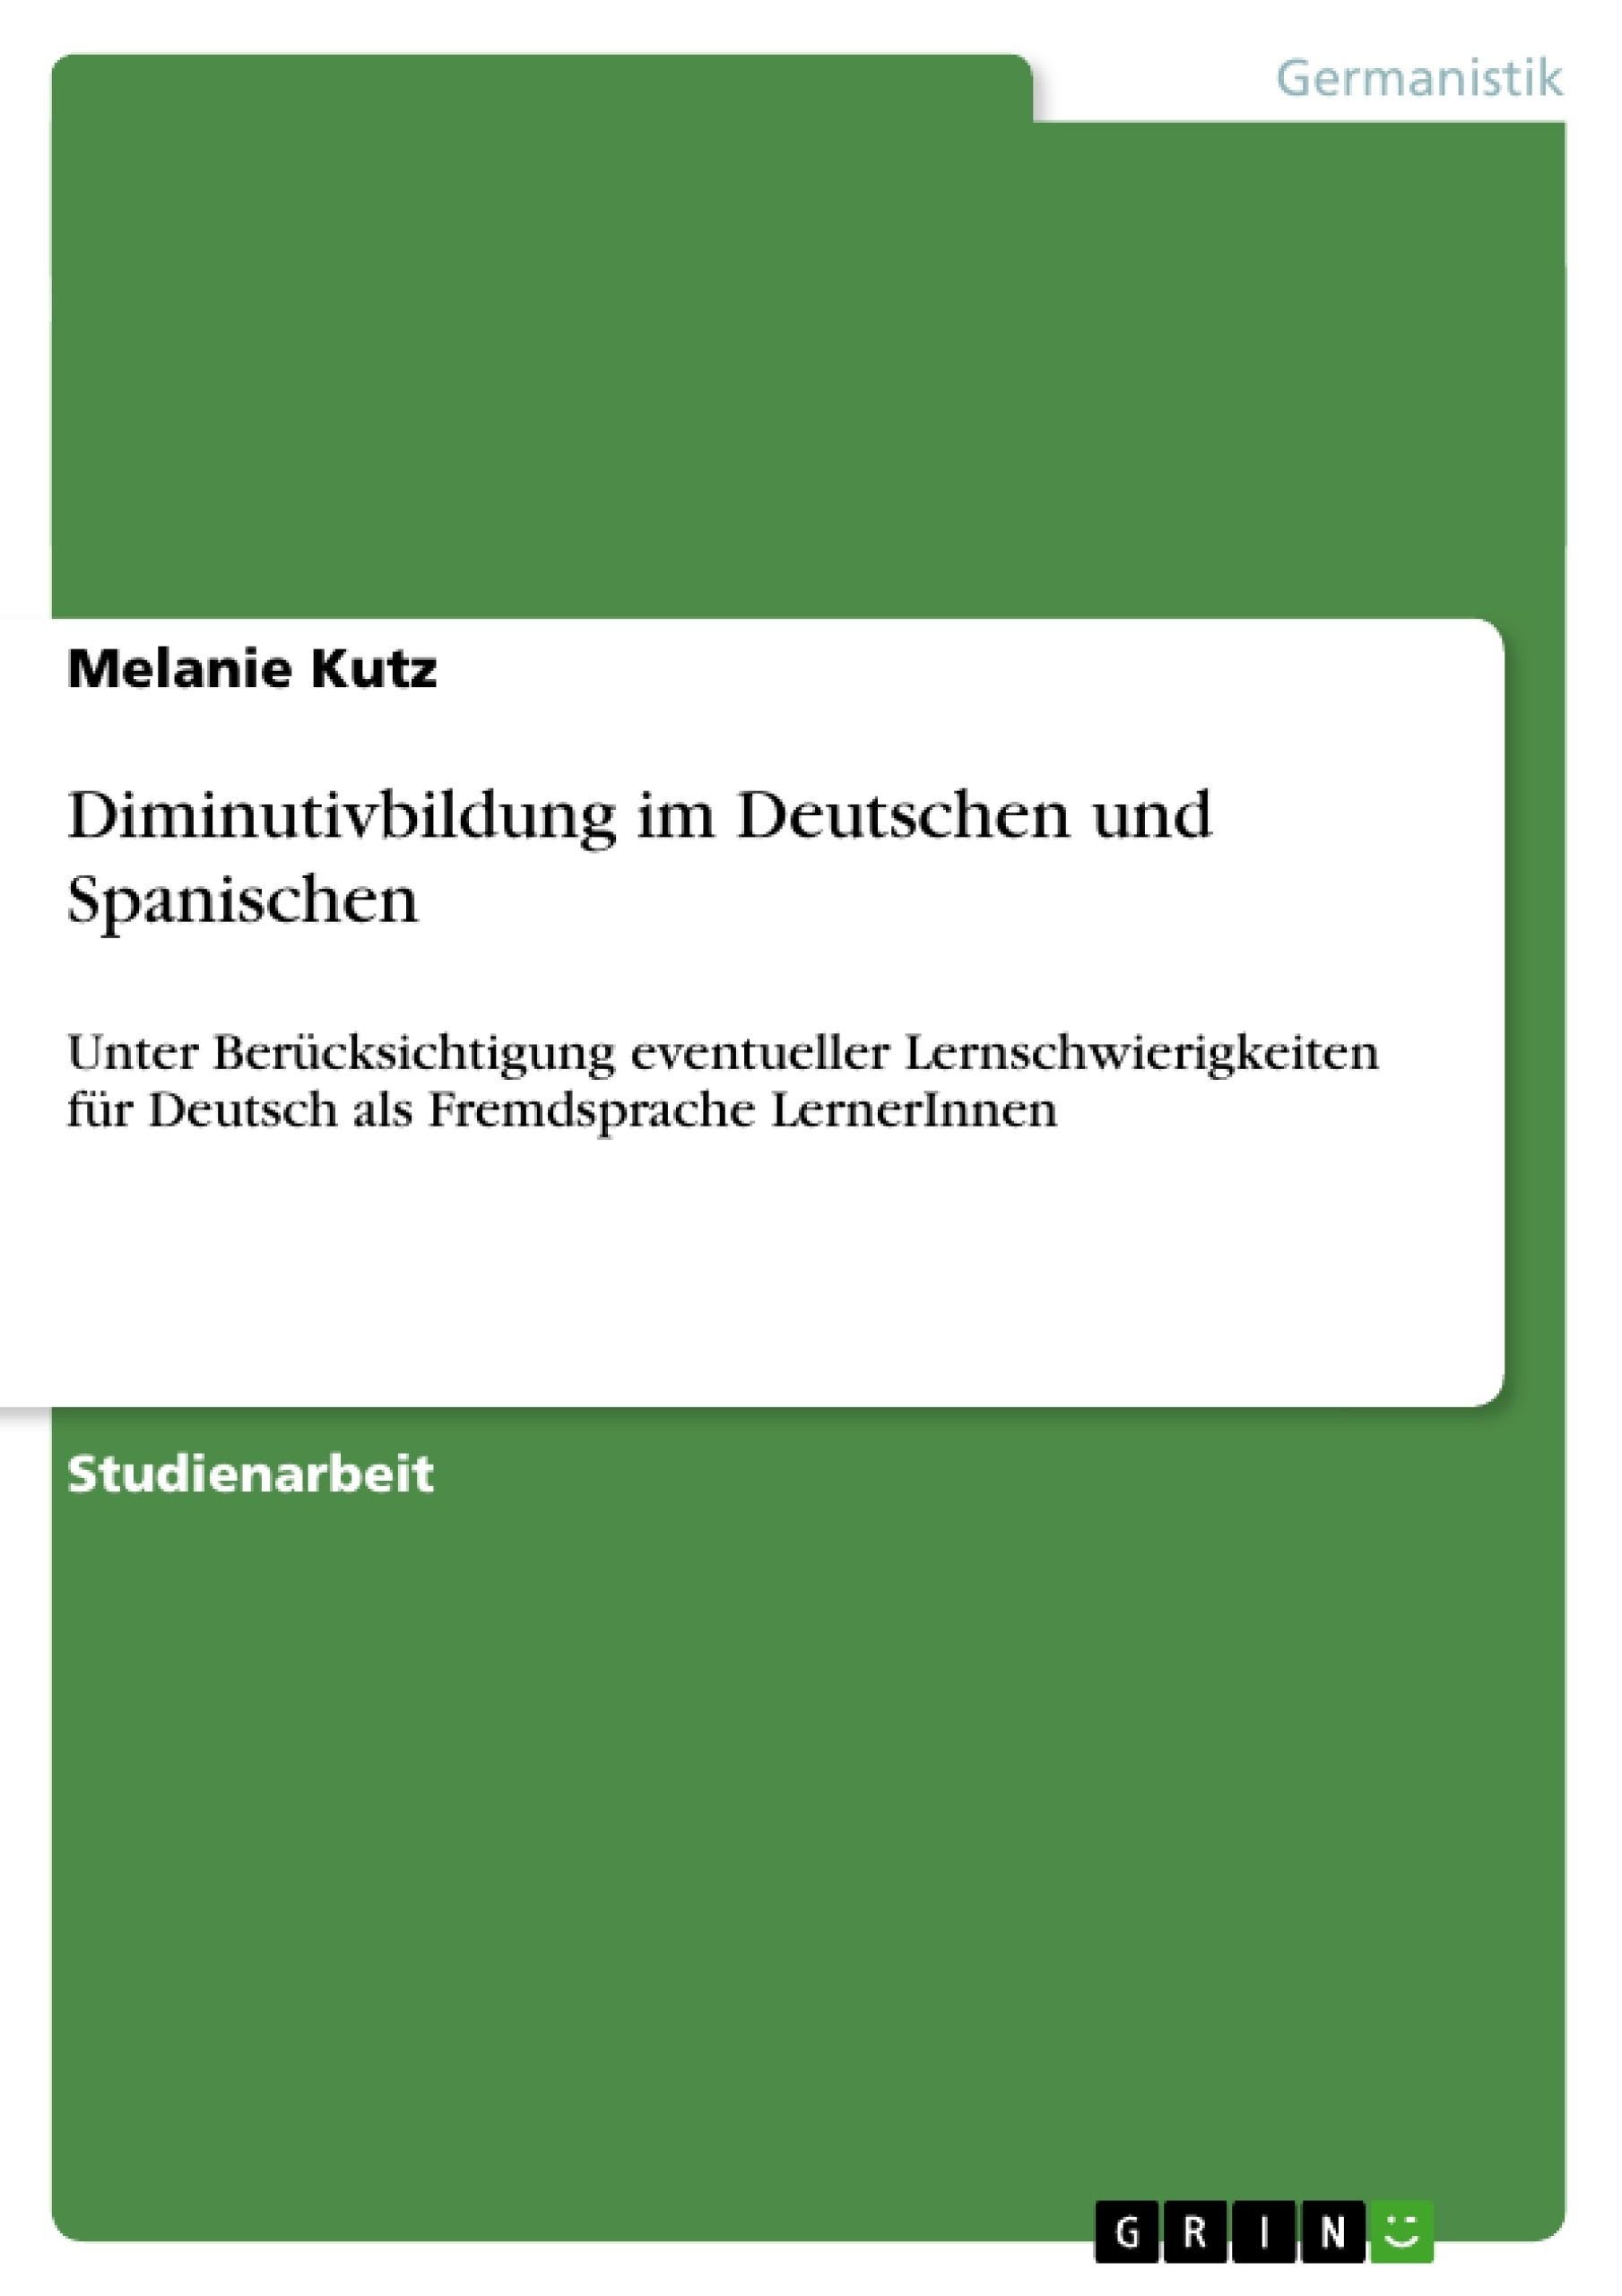 Titel: Diminutivbildung im Deutschen und Spanischen